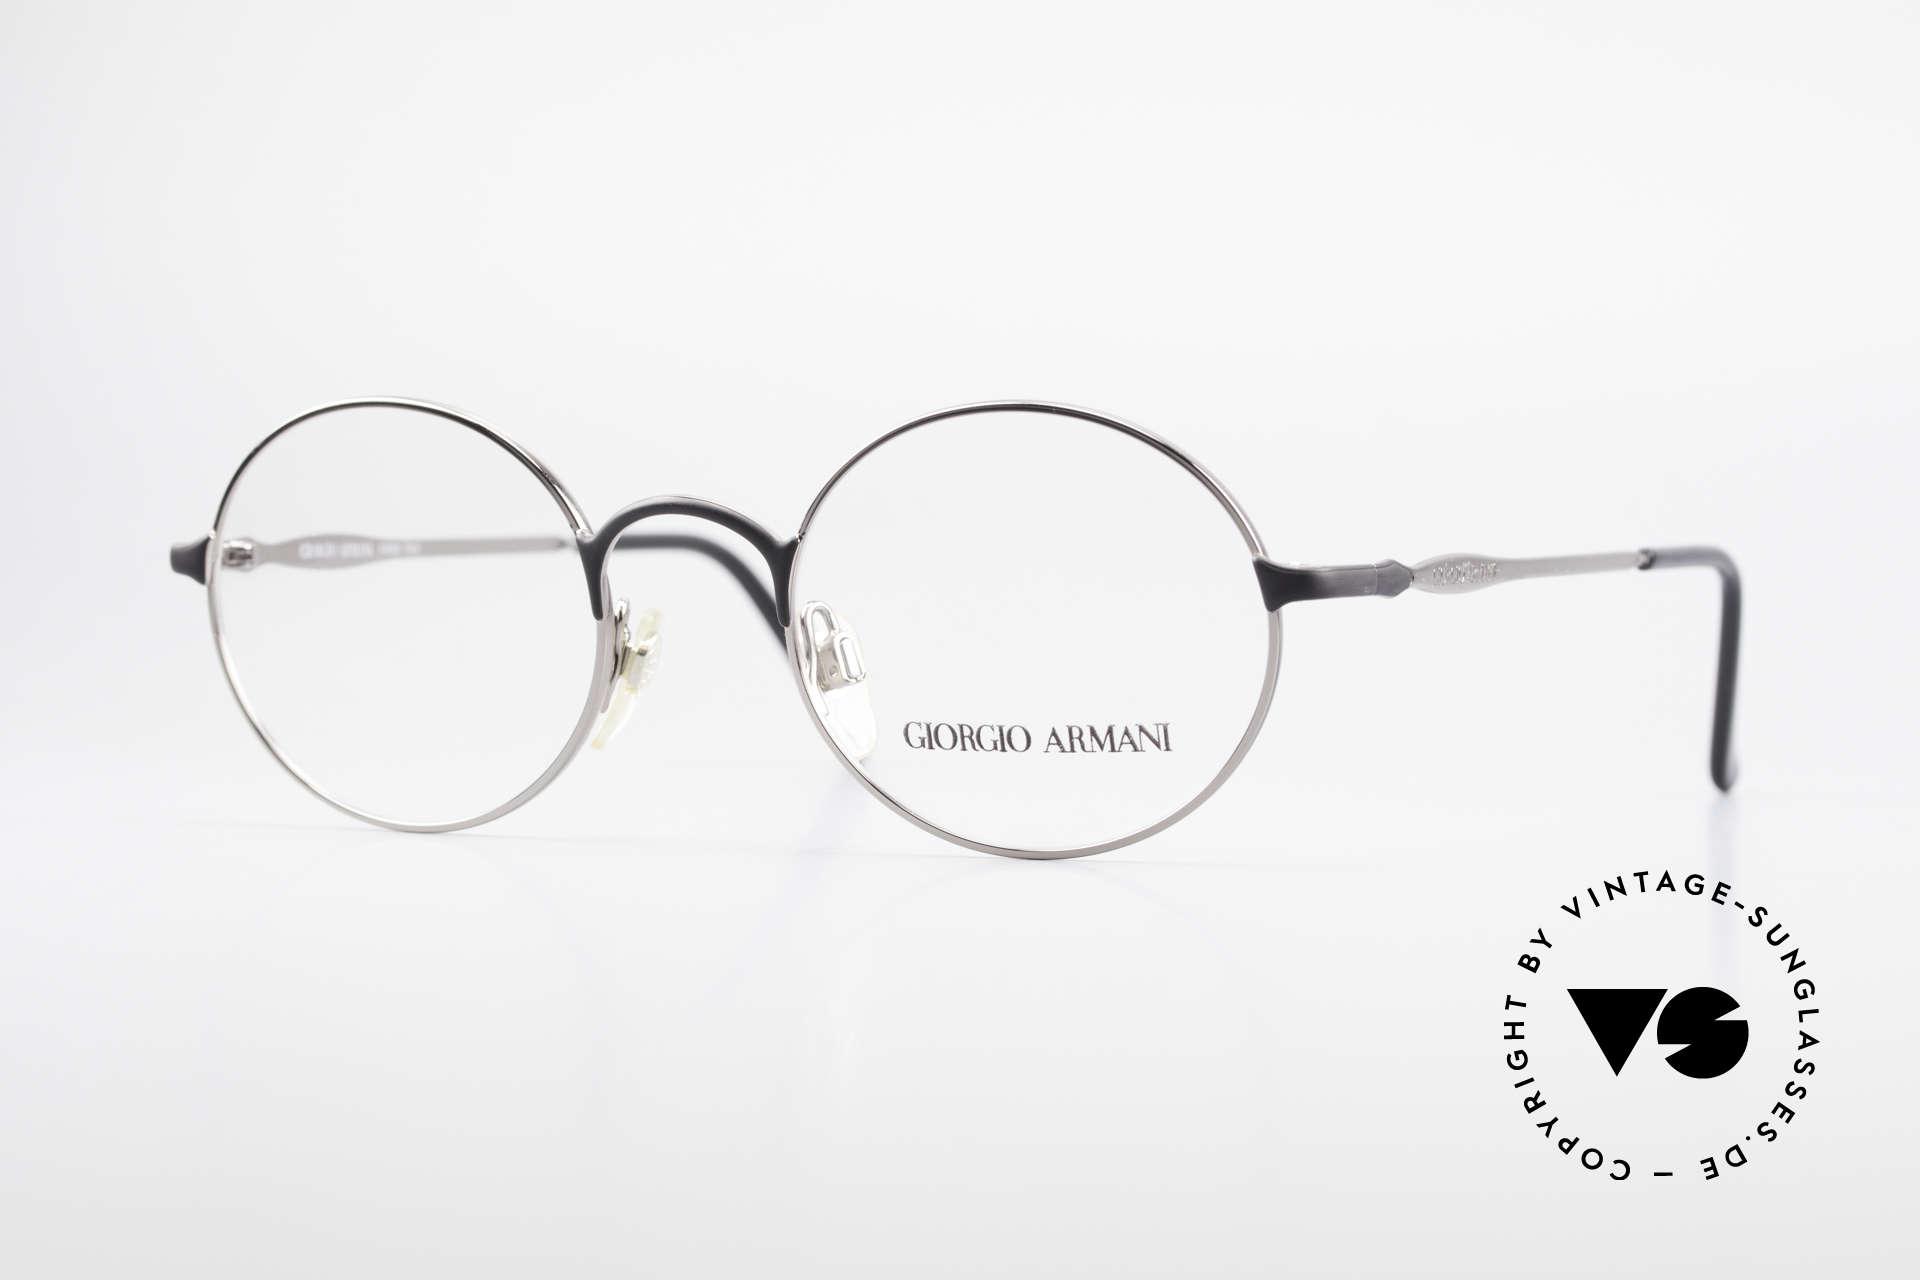 Giorgio Armani 243 Runde Ovale Brille 90er Small, alte vintage Brille vom Modedesigner G.Armani, Passend für Herren und Damen